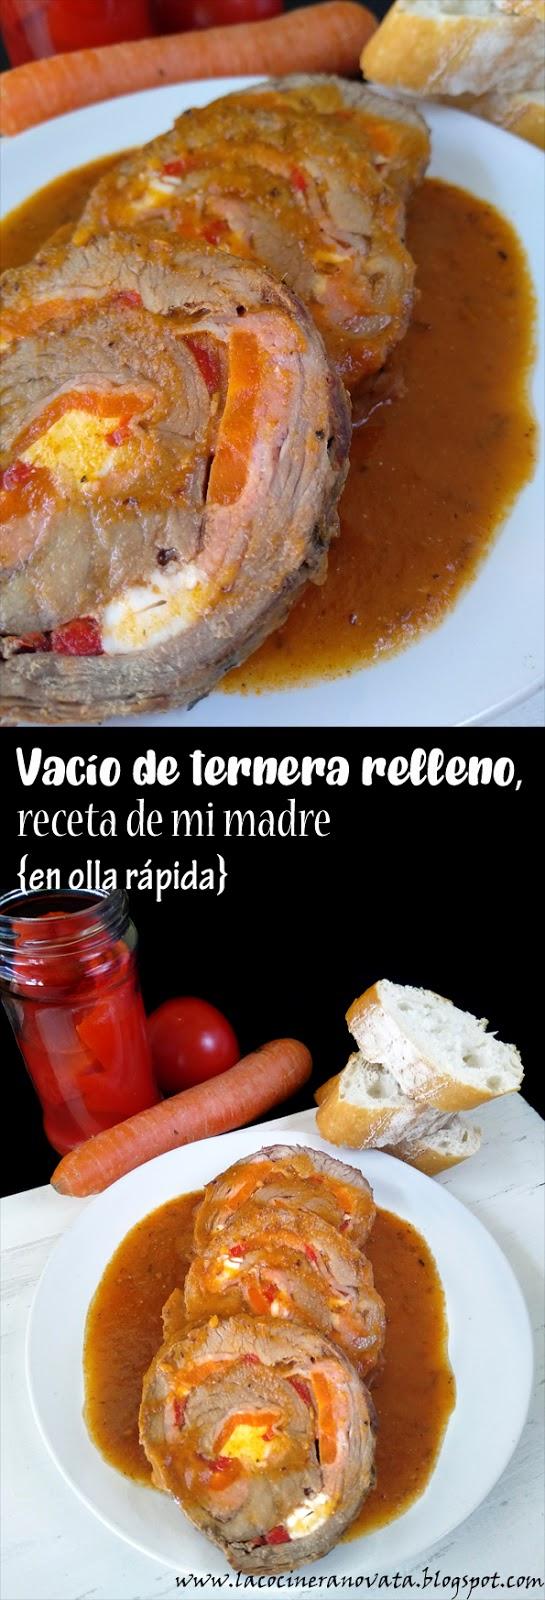 VACIO DE TERNERA RELLENO RECETA DE MI MADRE en olla rapida carne cocina tradicional casera homecooking